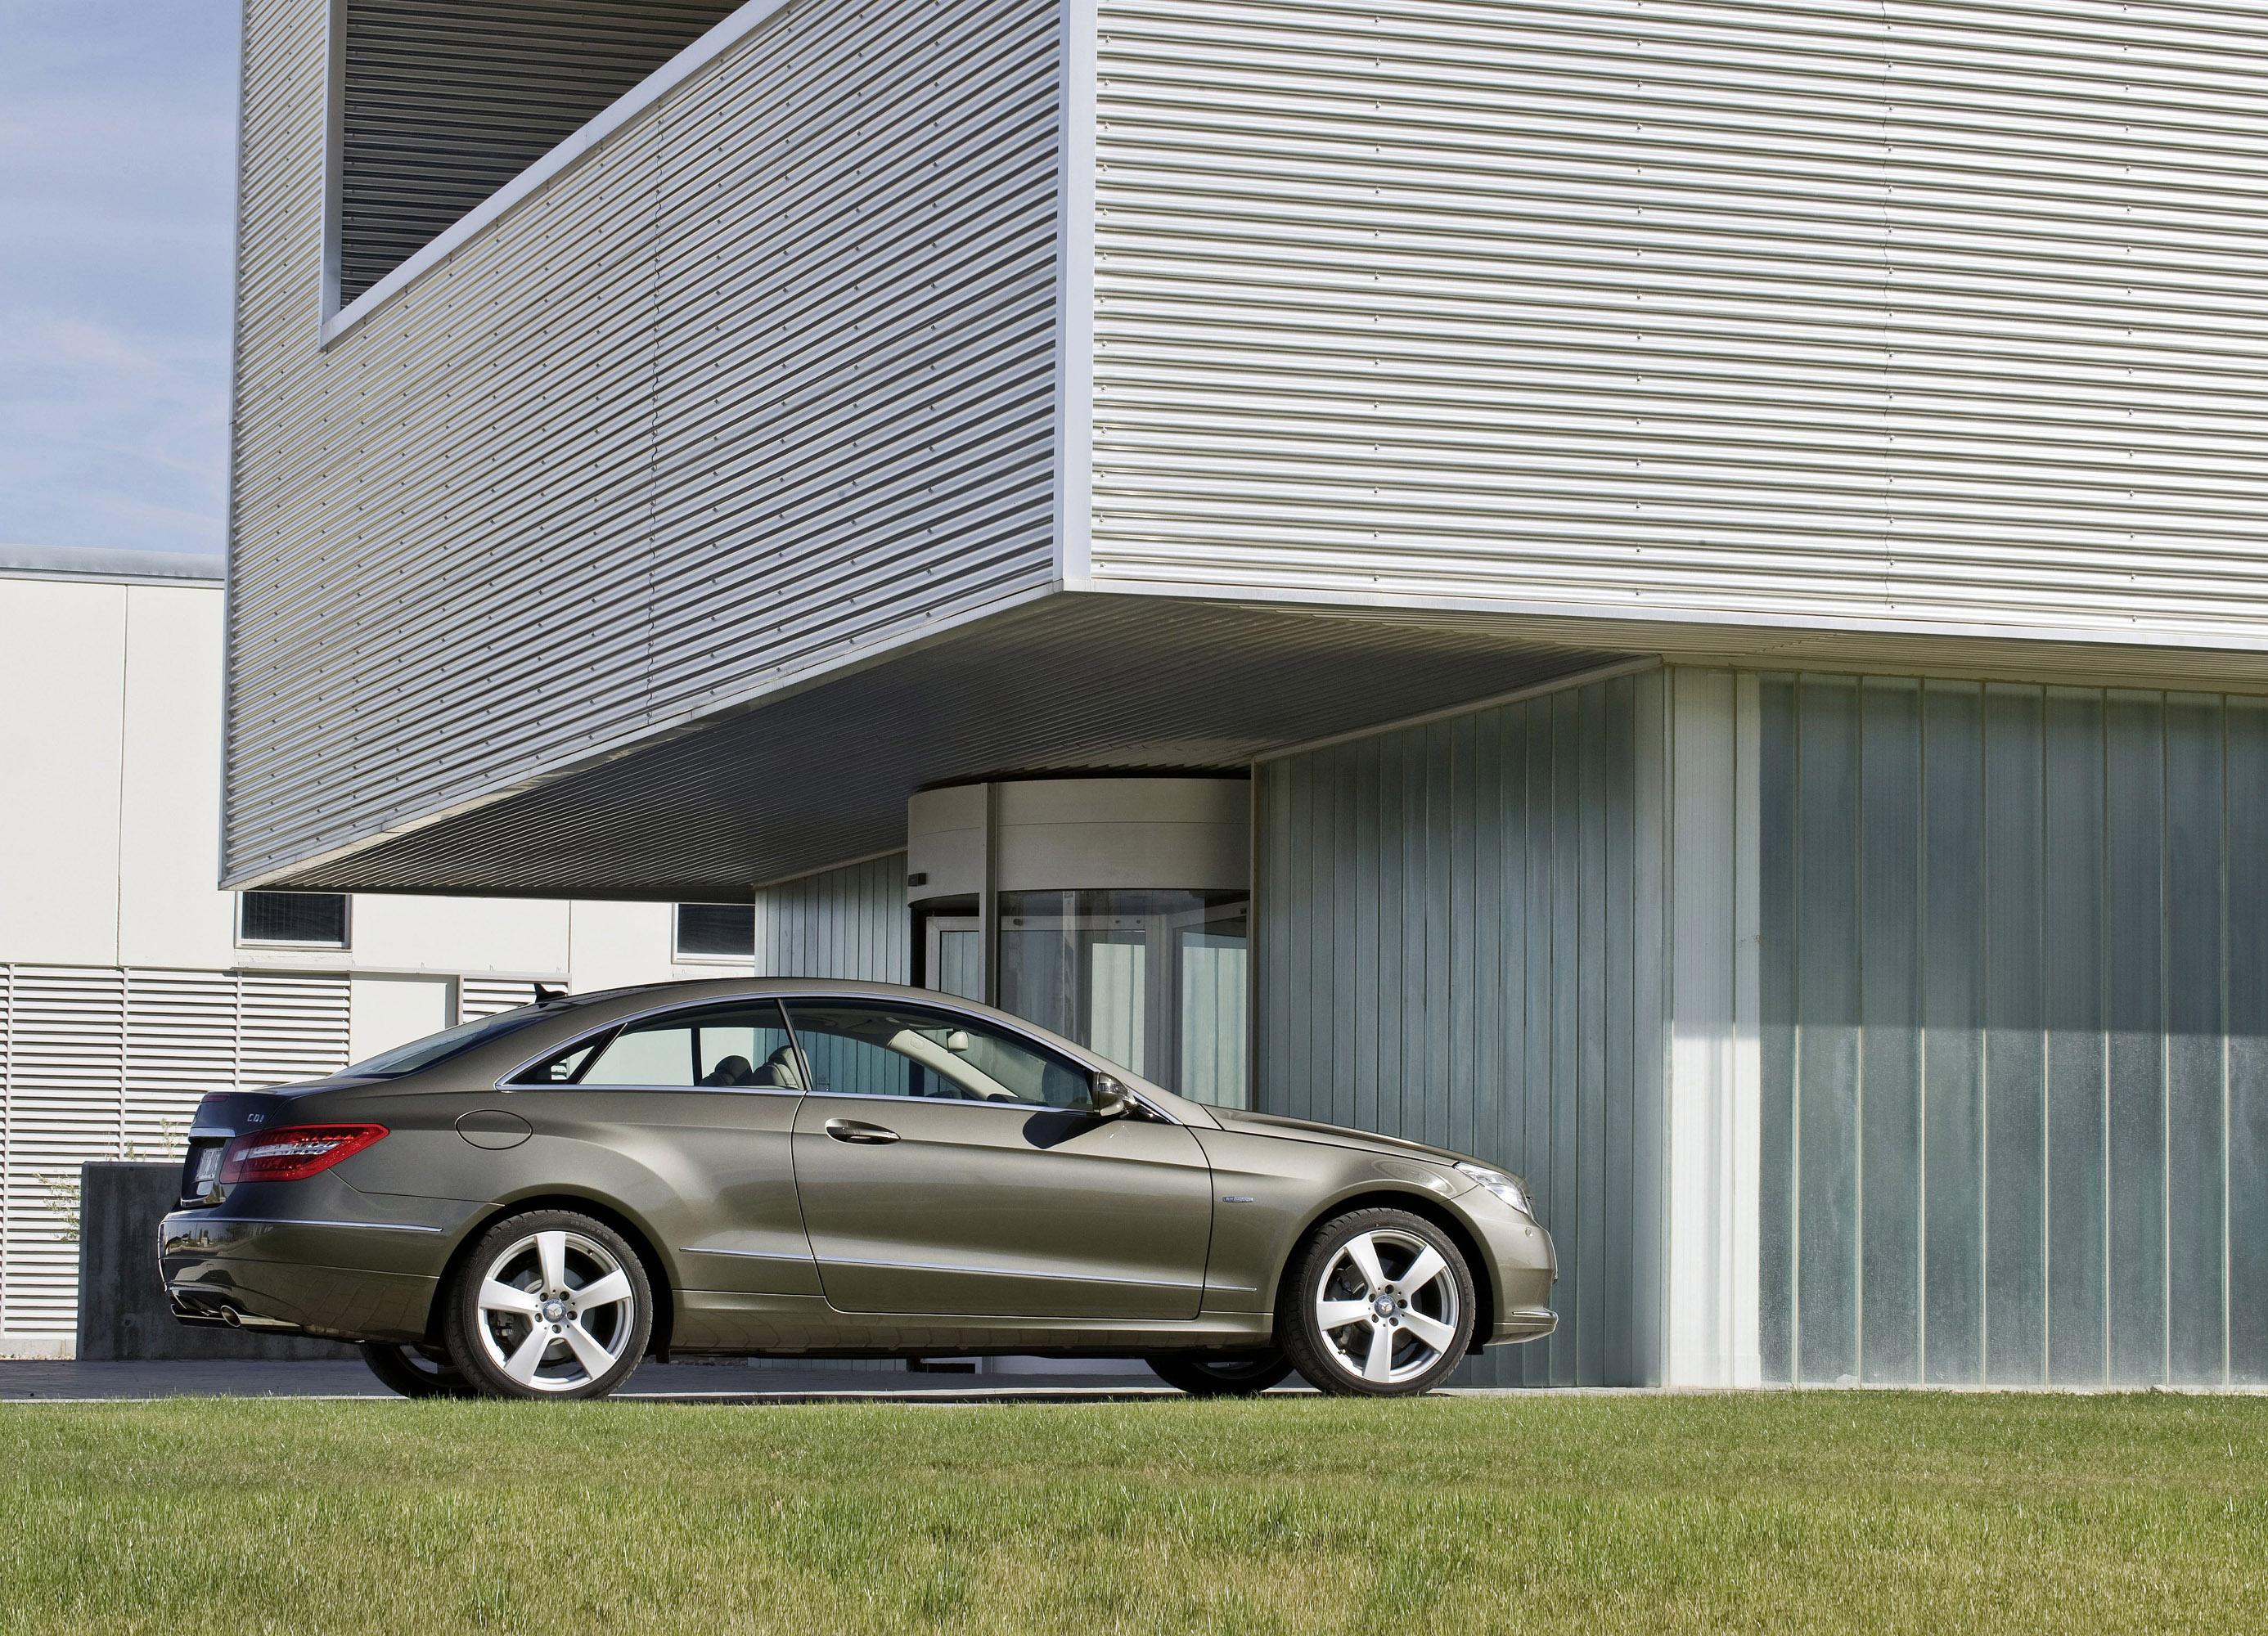 Mercedes-Benz E-350 CDI Coupe [фотографии автомобиля] - фотография №4